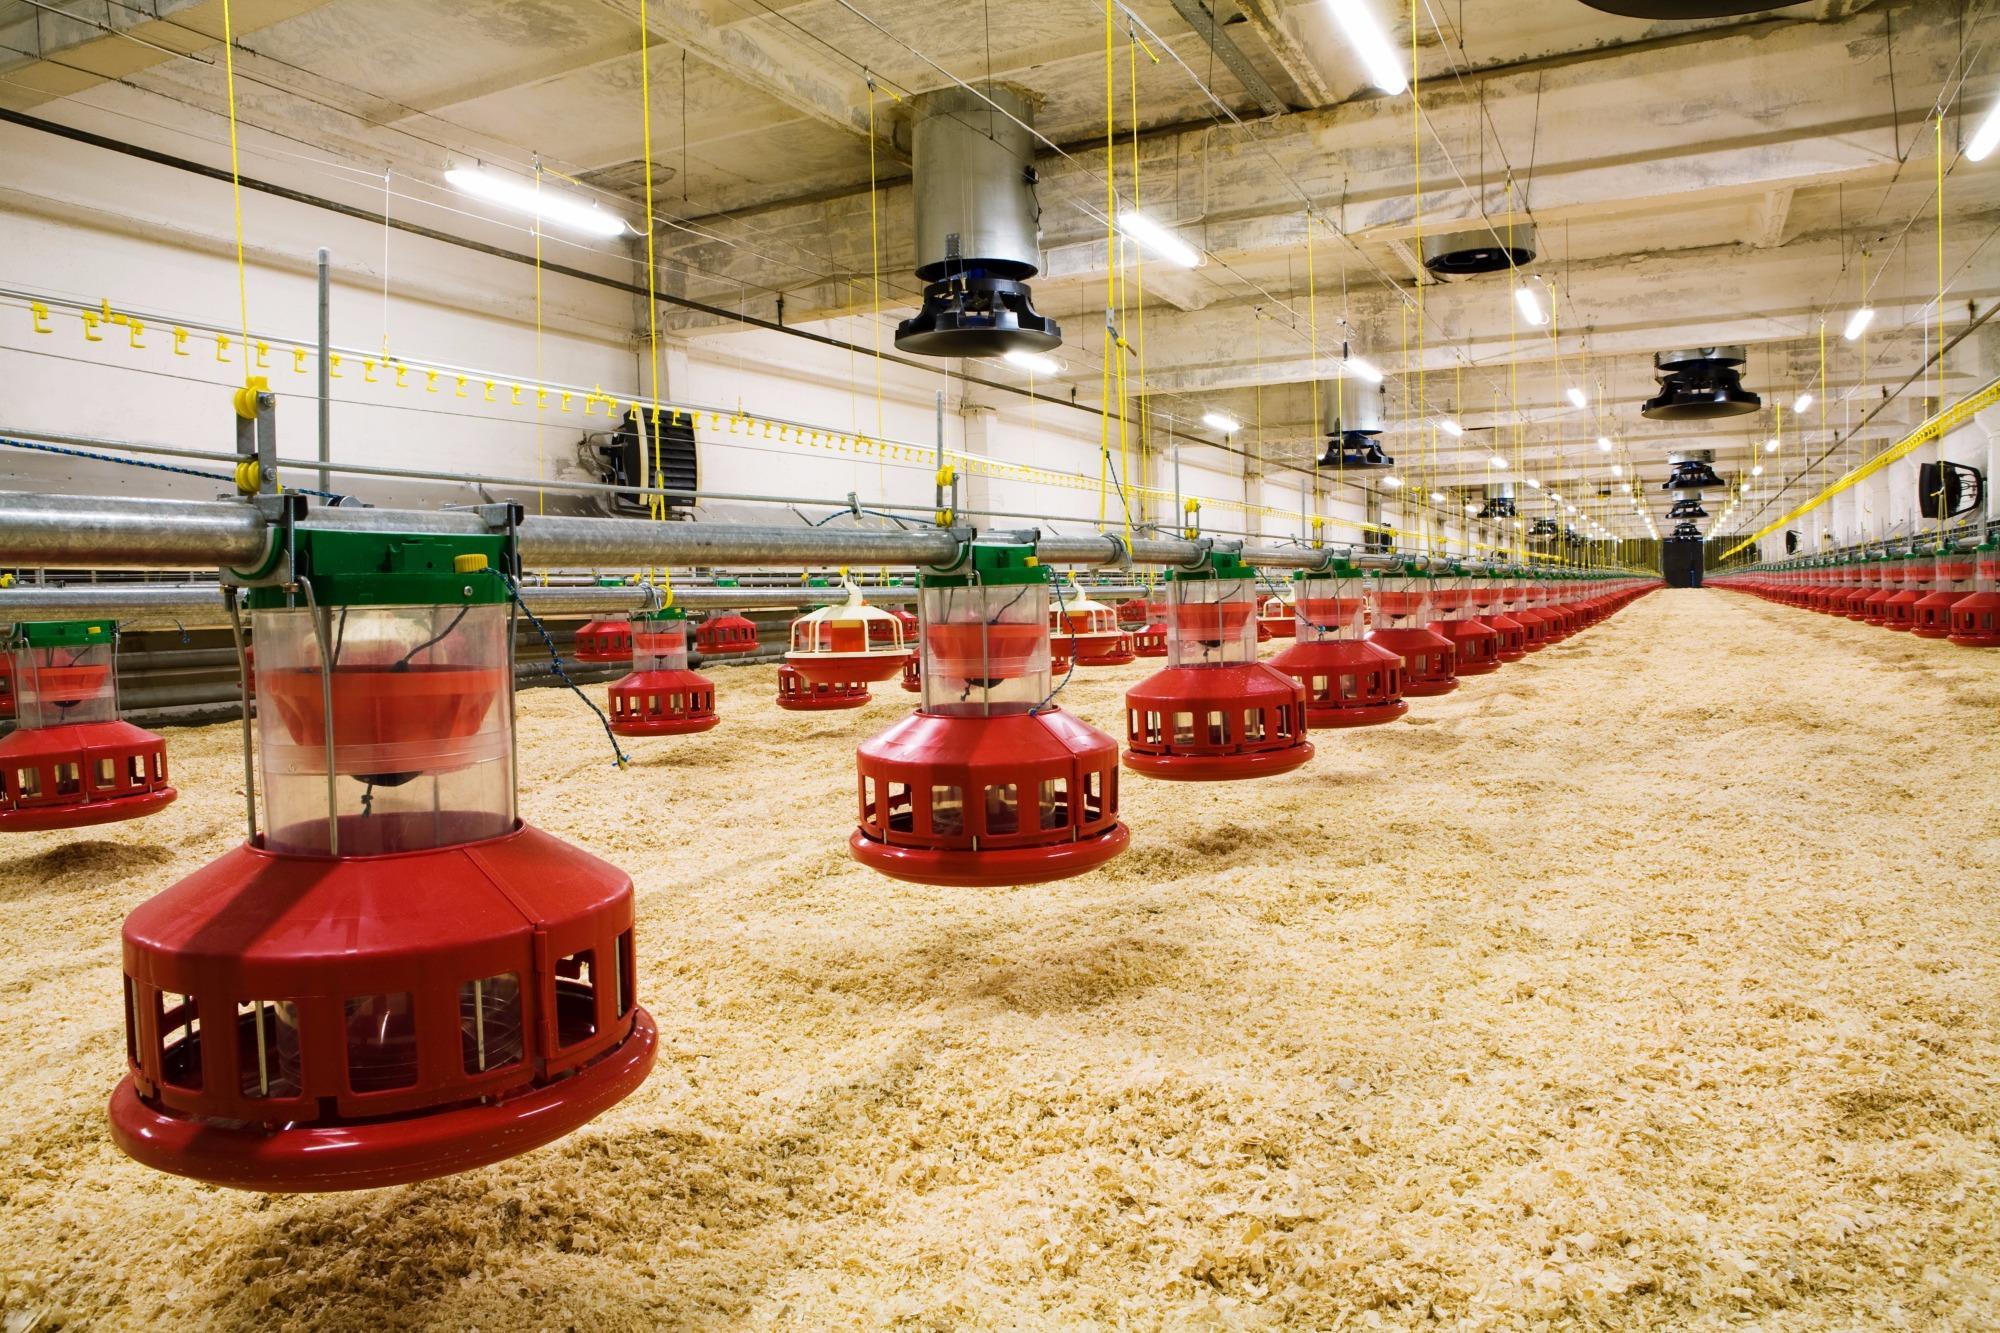 avicultura, fotos atualizadas , Divulgação